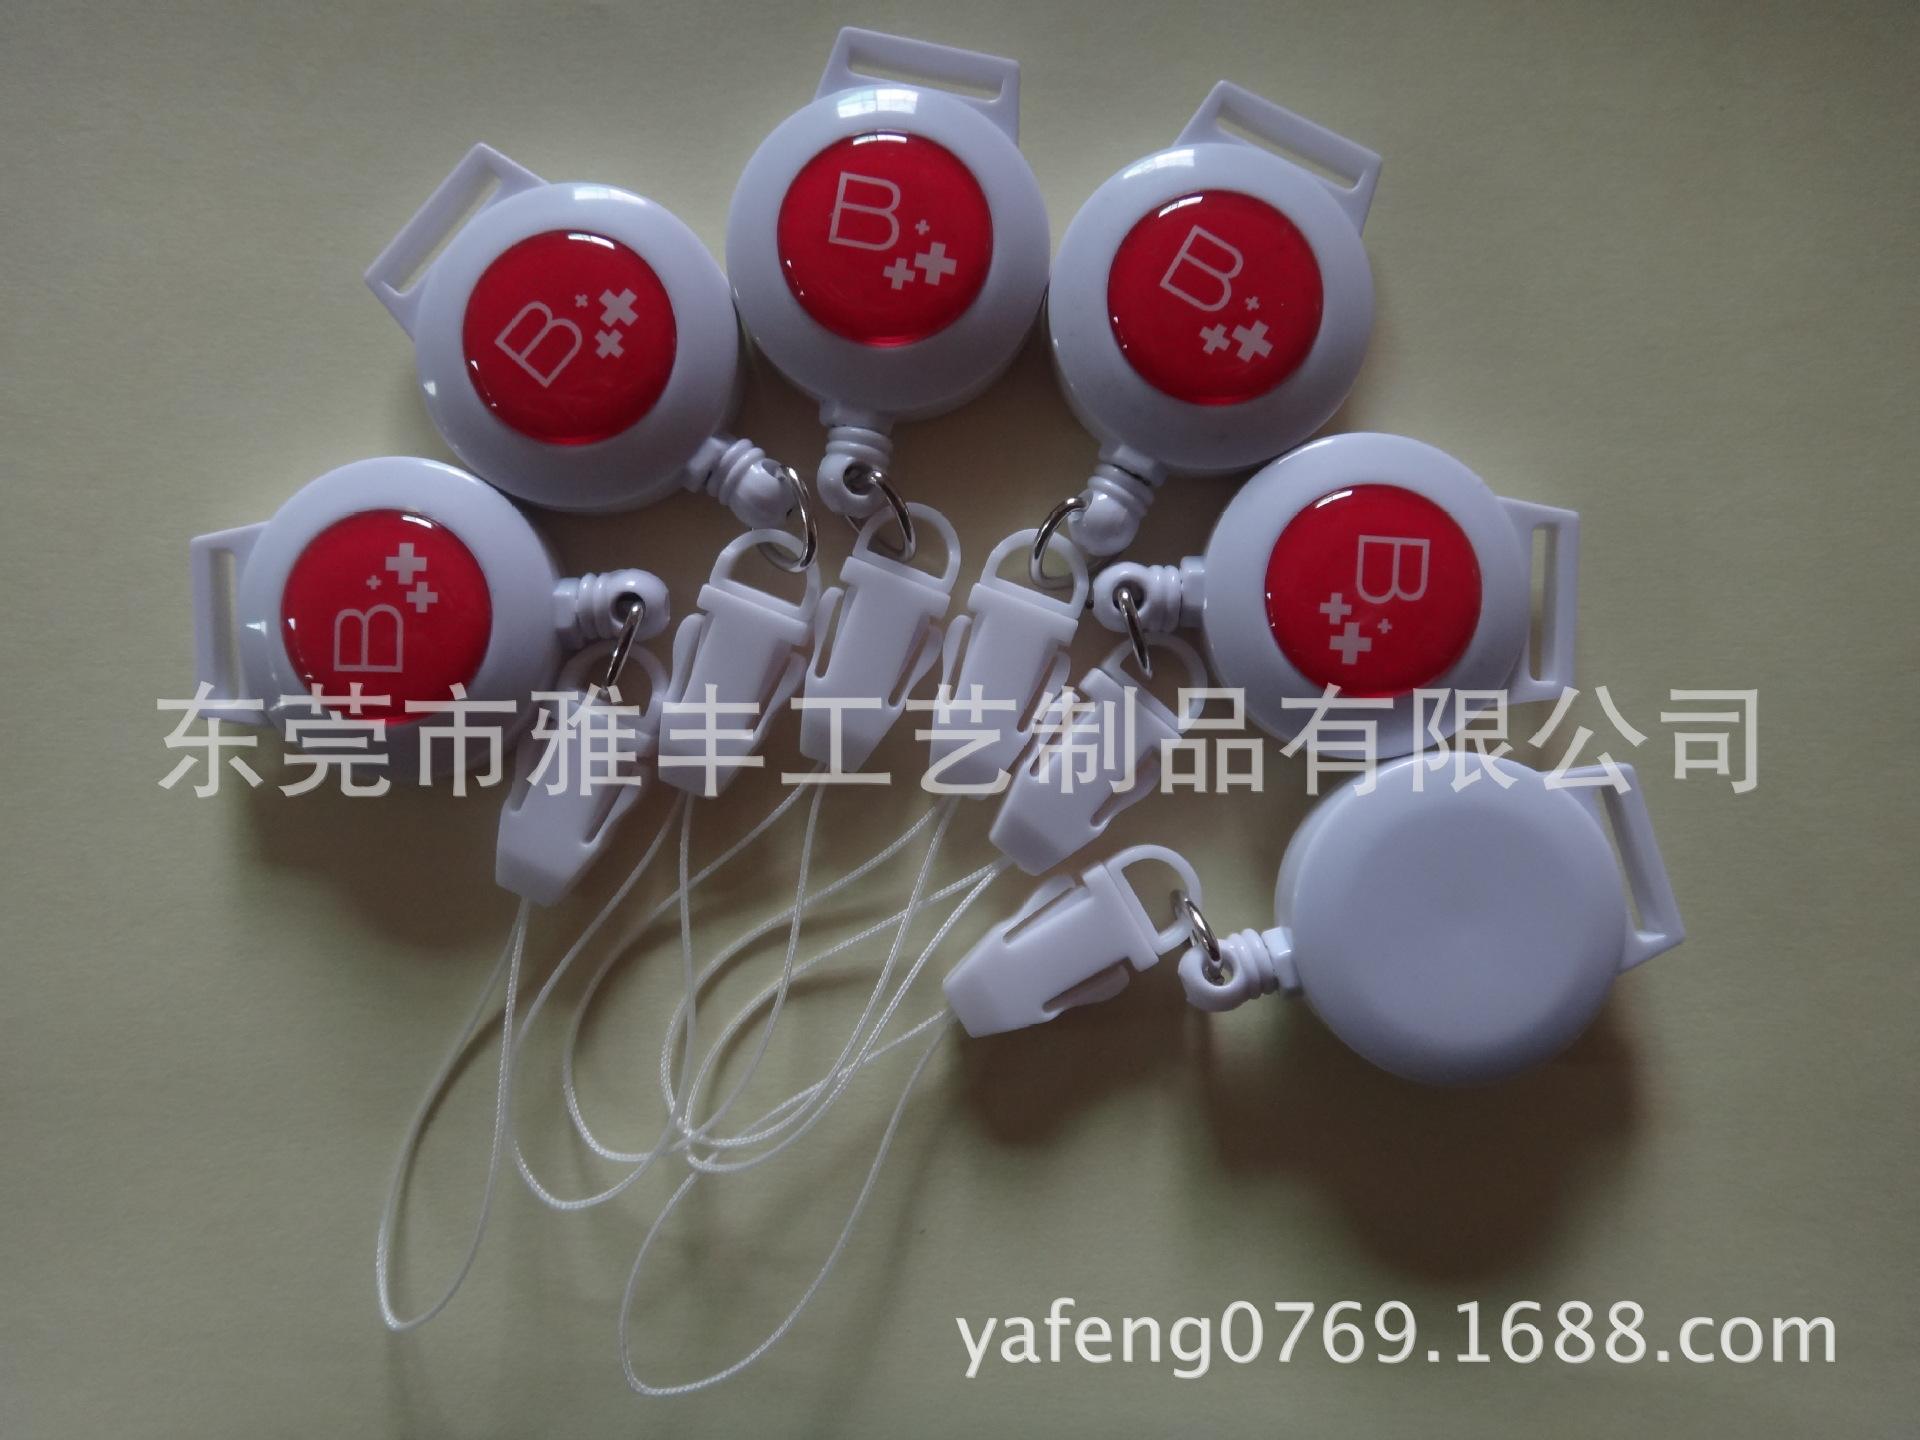 【雅丰专业生产织带扣】伸缩易拉得 伸缩扣(颜色可以指定)